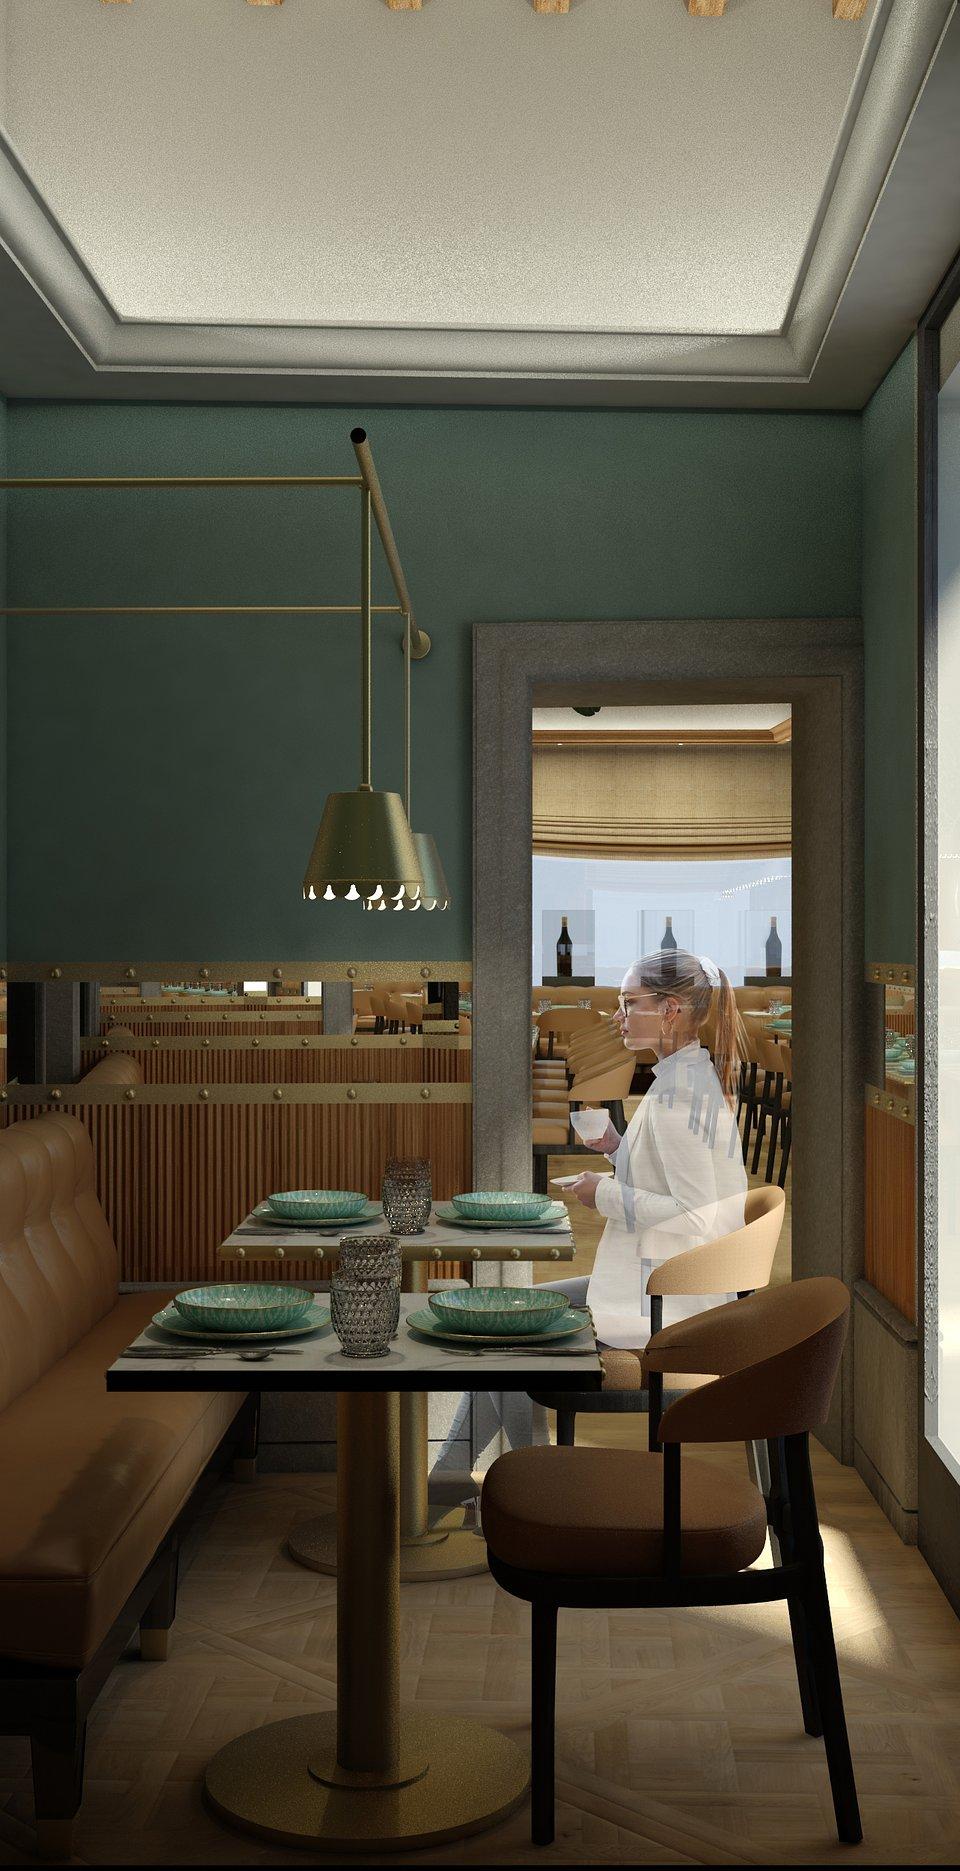 Common Area Il Tornabuoni Hotel by Andrea Auletta (41).jpeg